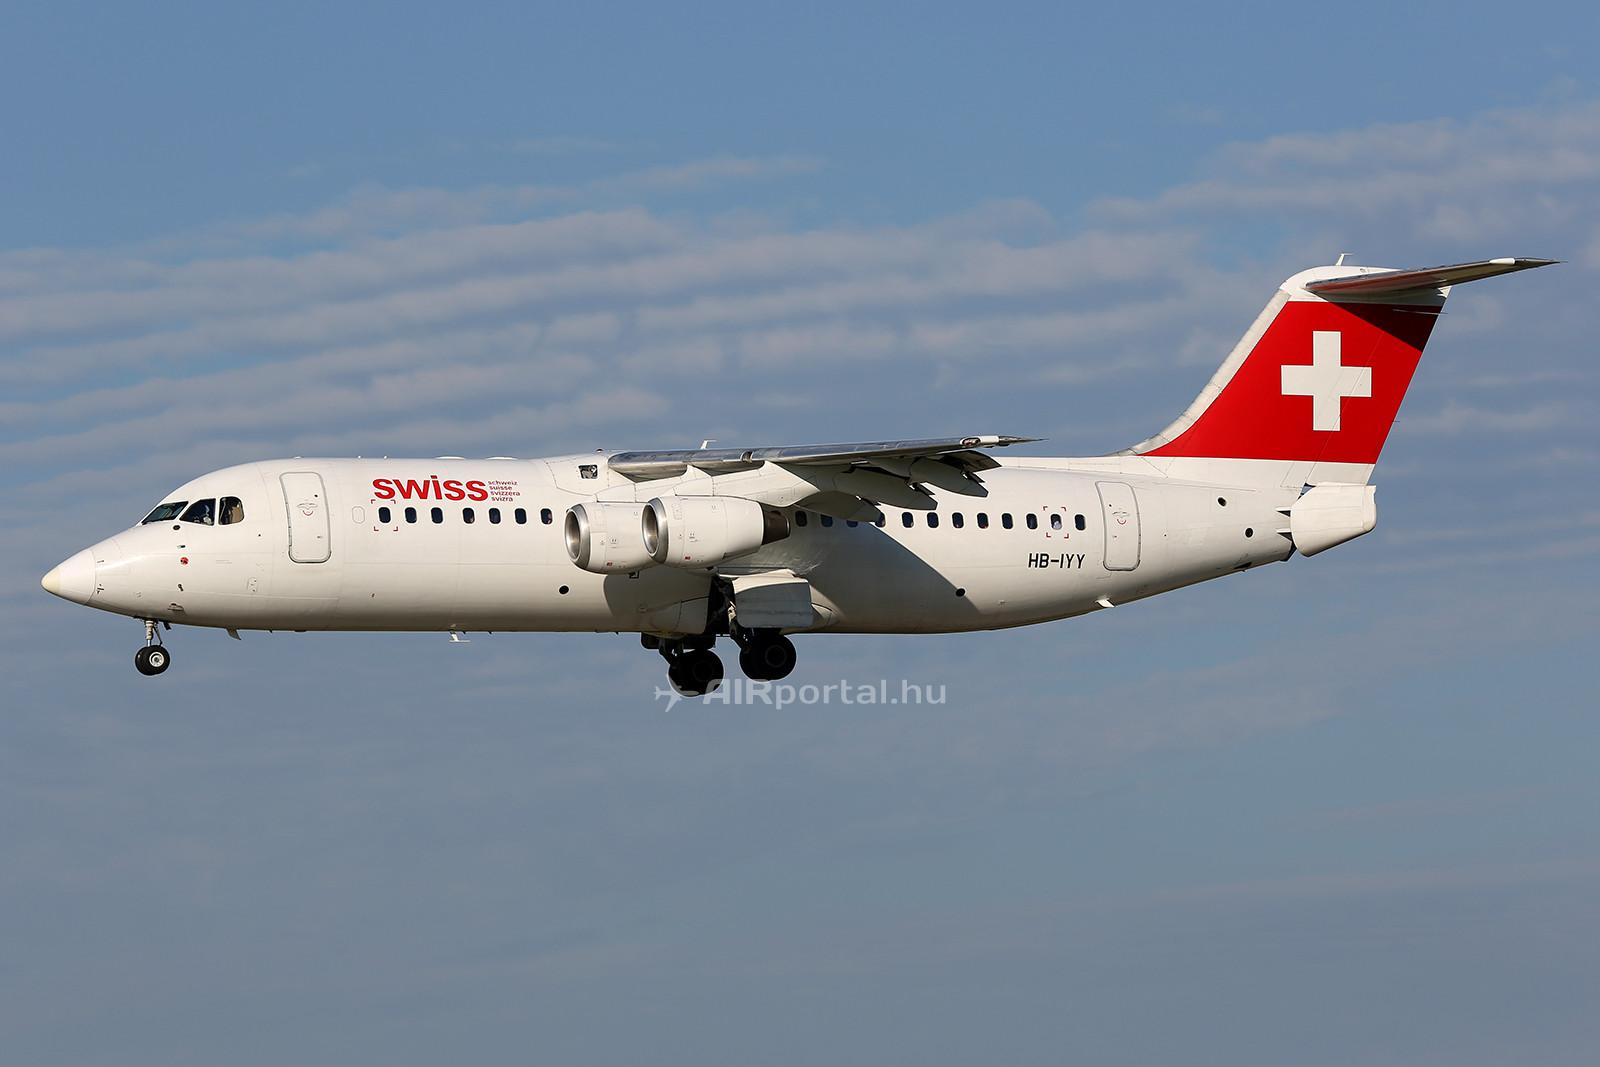 Budapestre egyelőre még az Avrokkal, valamint Fokker 100-as gépekkel közlekedik a társaság. (Fotó: AIRportal.hu) | © AIRportal.hu